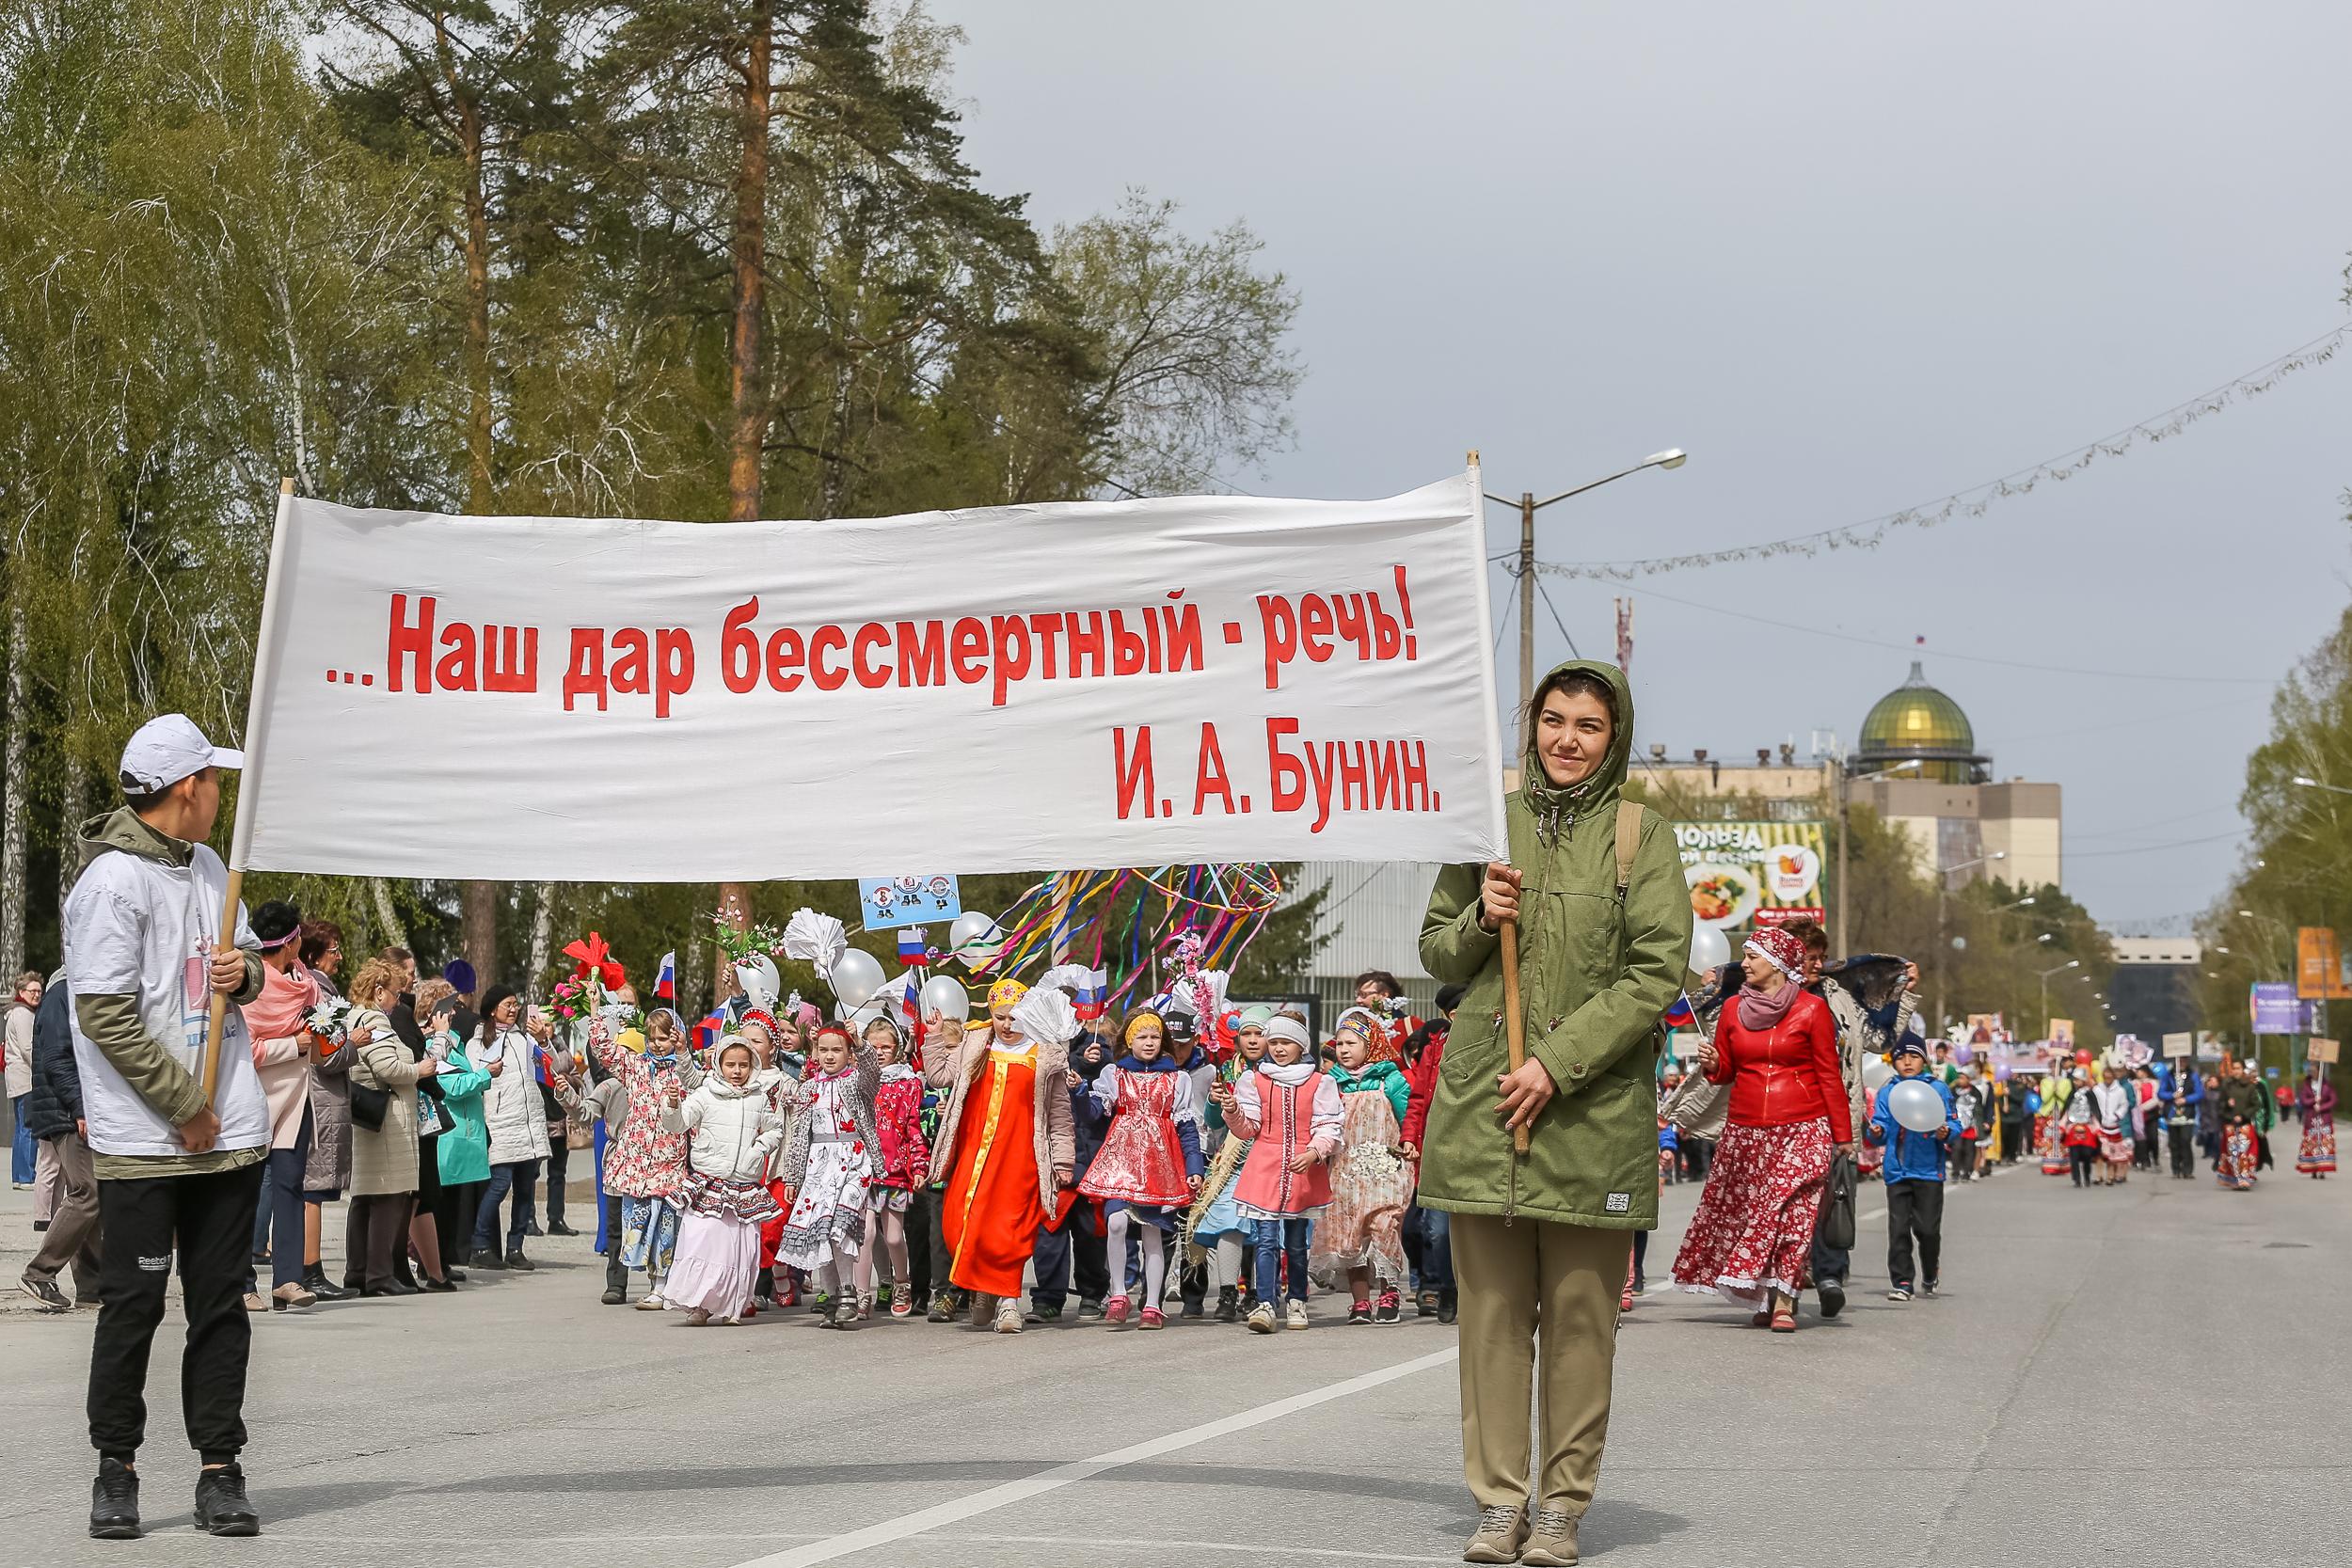 Сам праздник, согласно календарю, будет 24 мая, но жители Академгородка не смогли терпеть